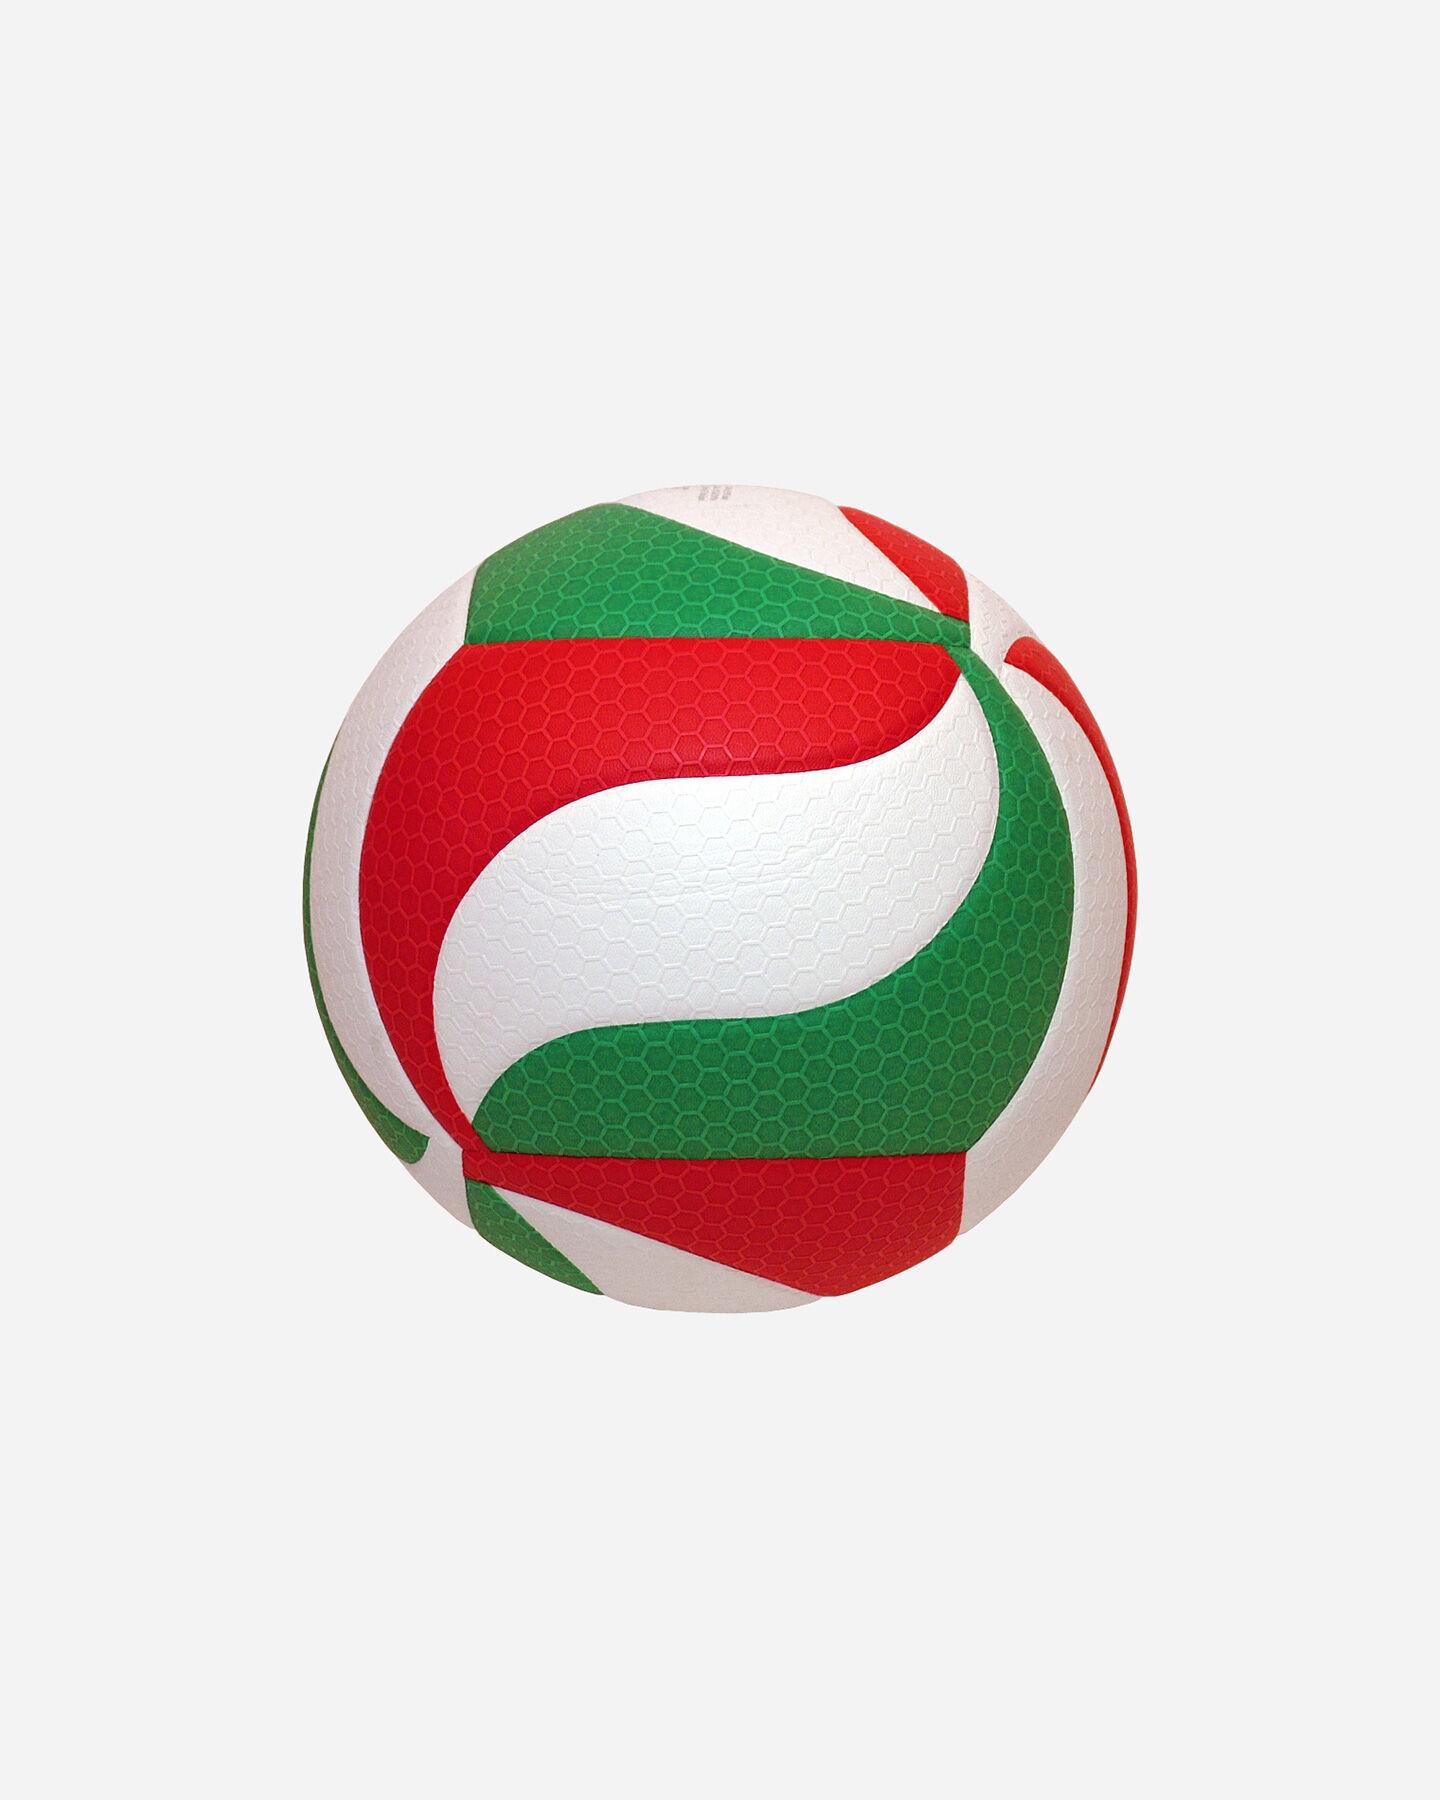 Pallone volley MOLTEN 5000 FLISTATEC MIS.5 S1168968|1|5 scatto 2